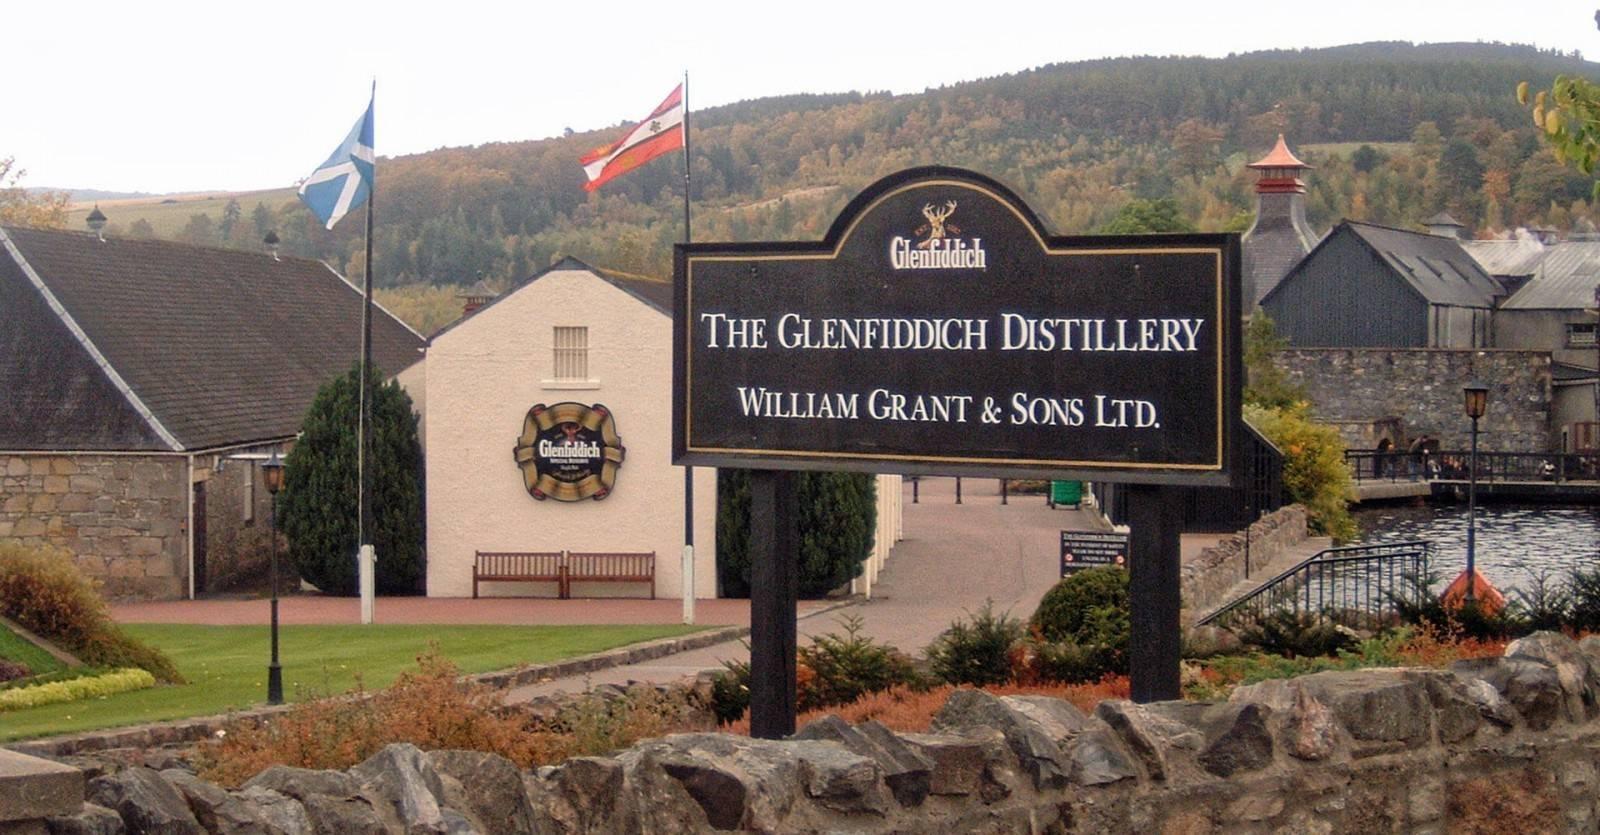 Glenfiddich Schild